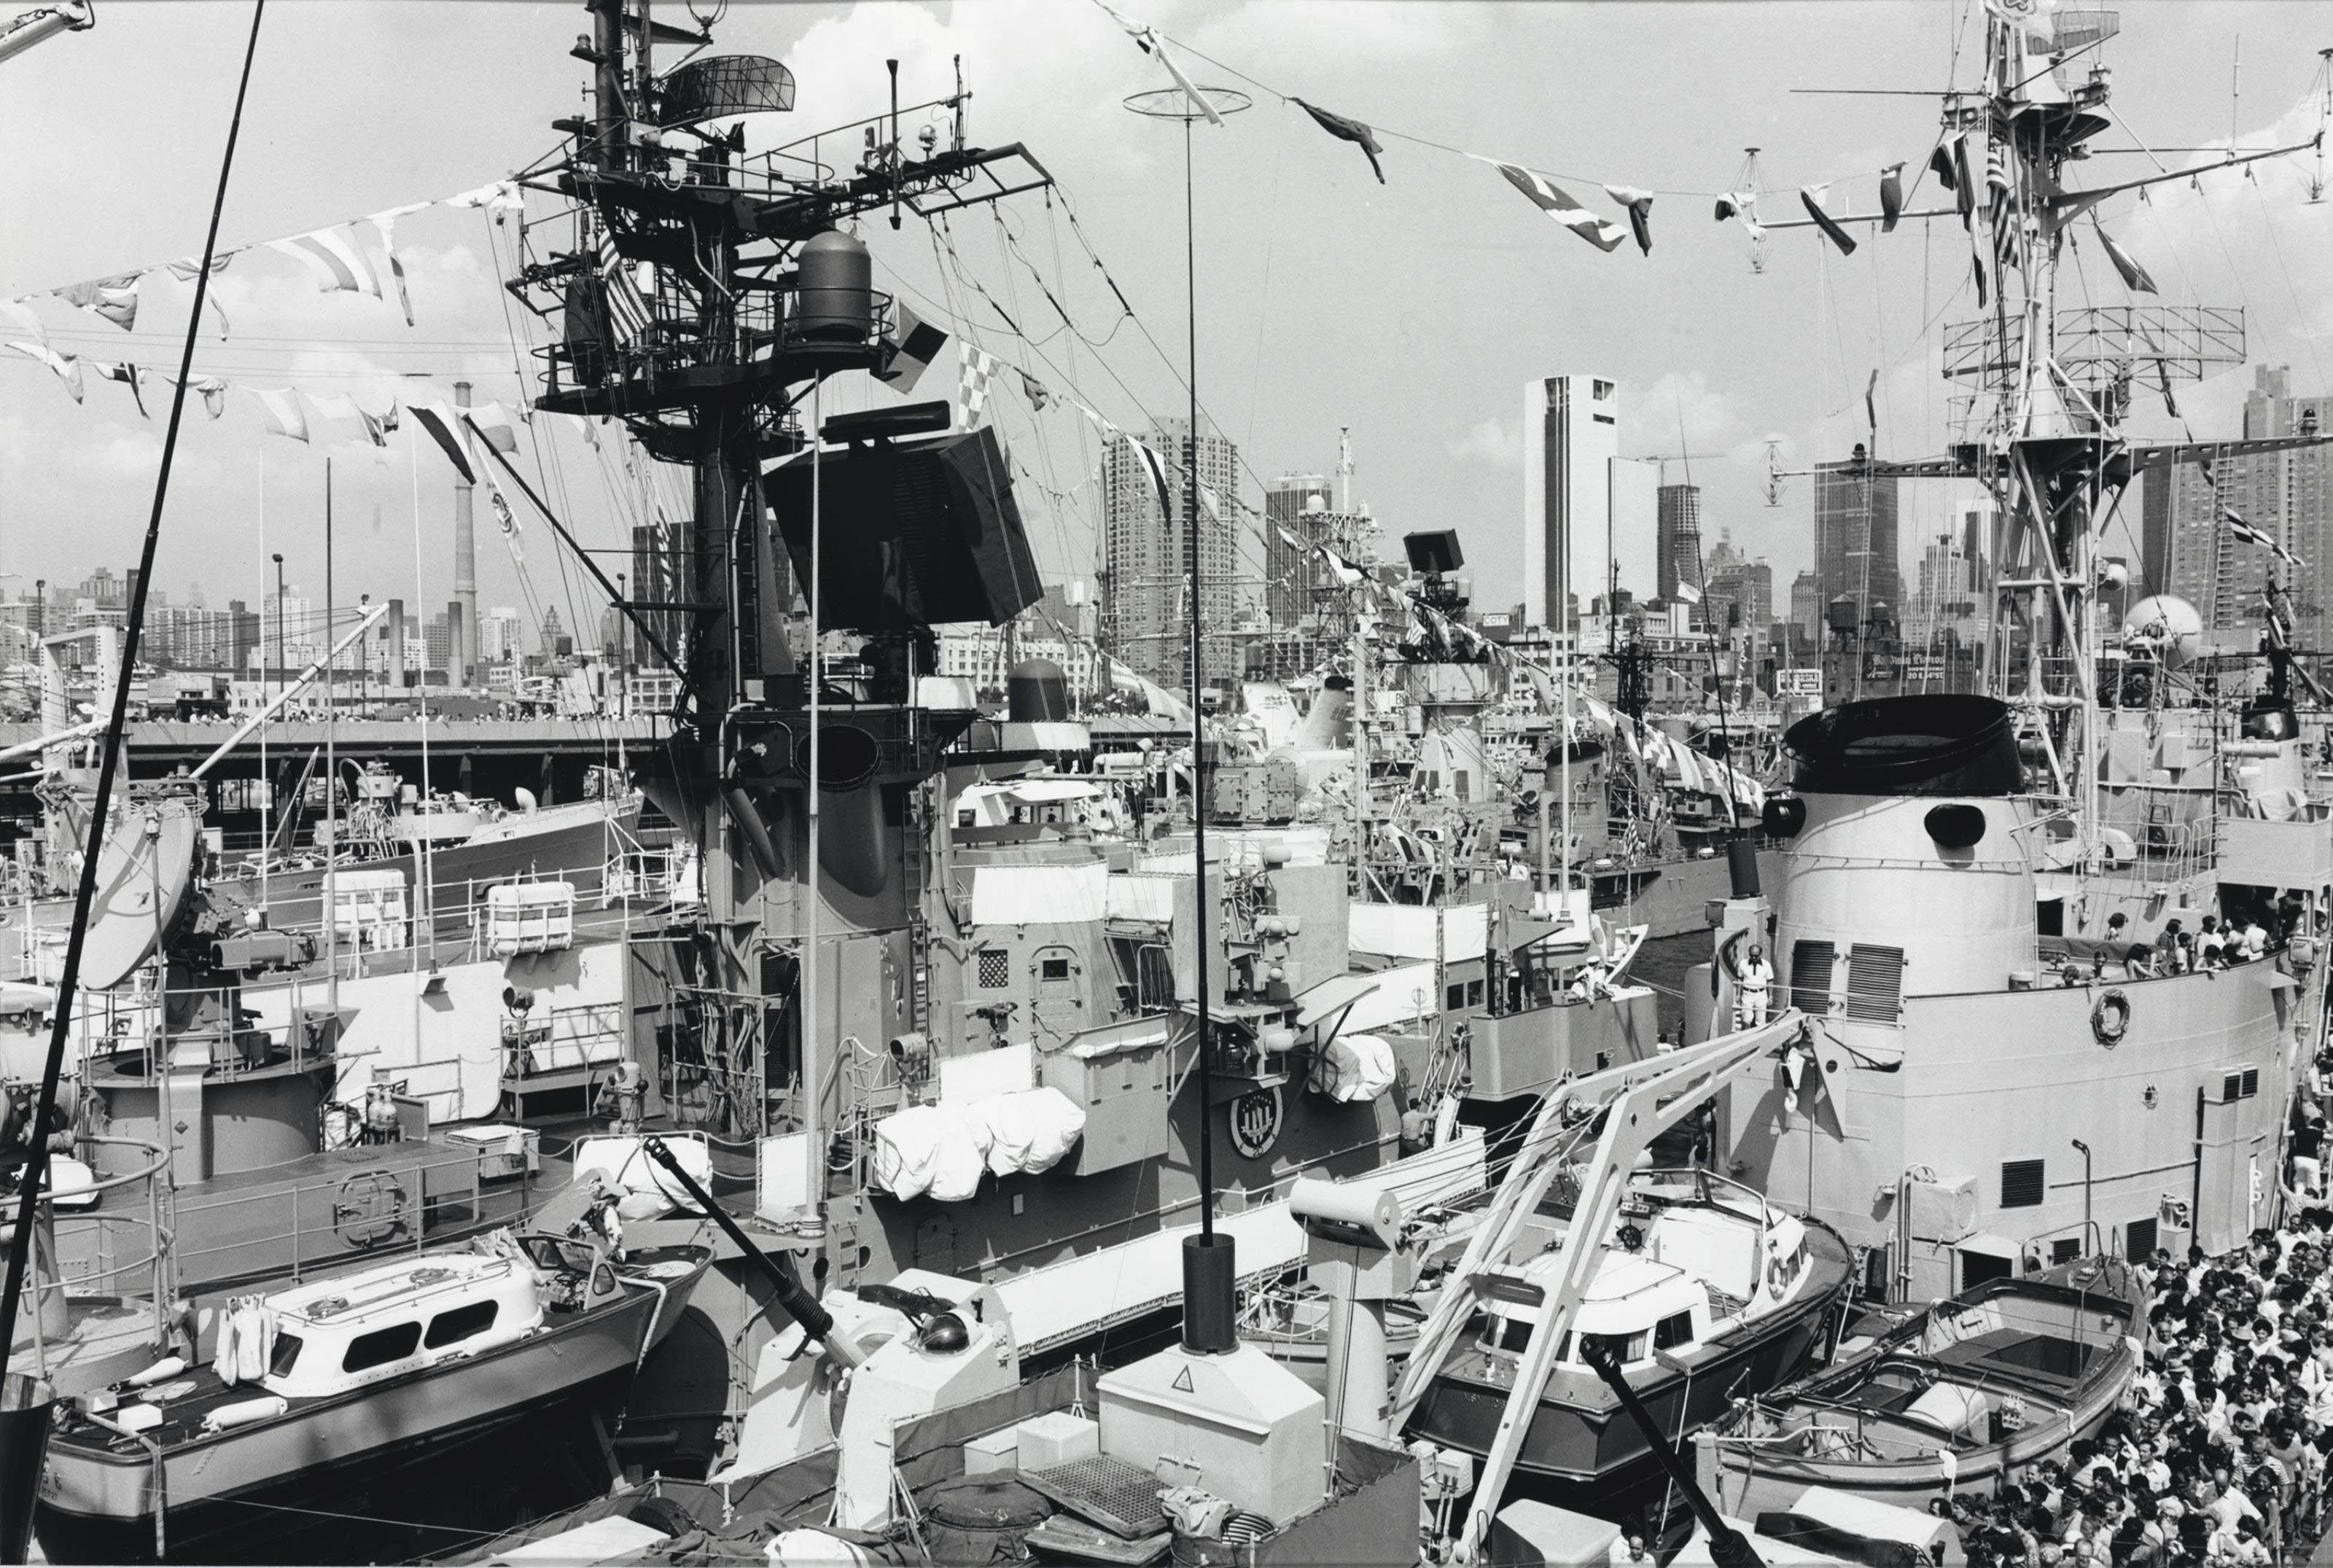 New York Pier, July 5, 1976